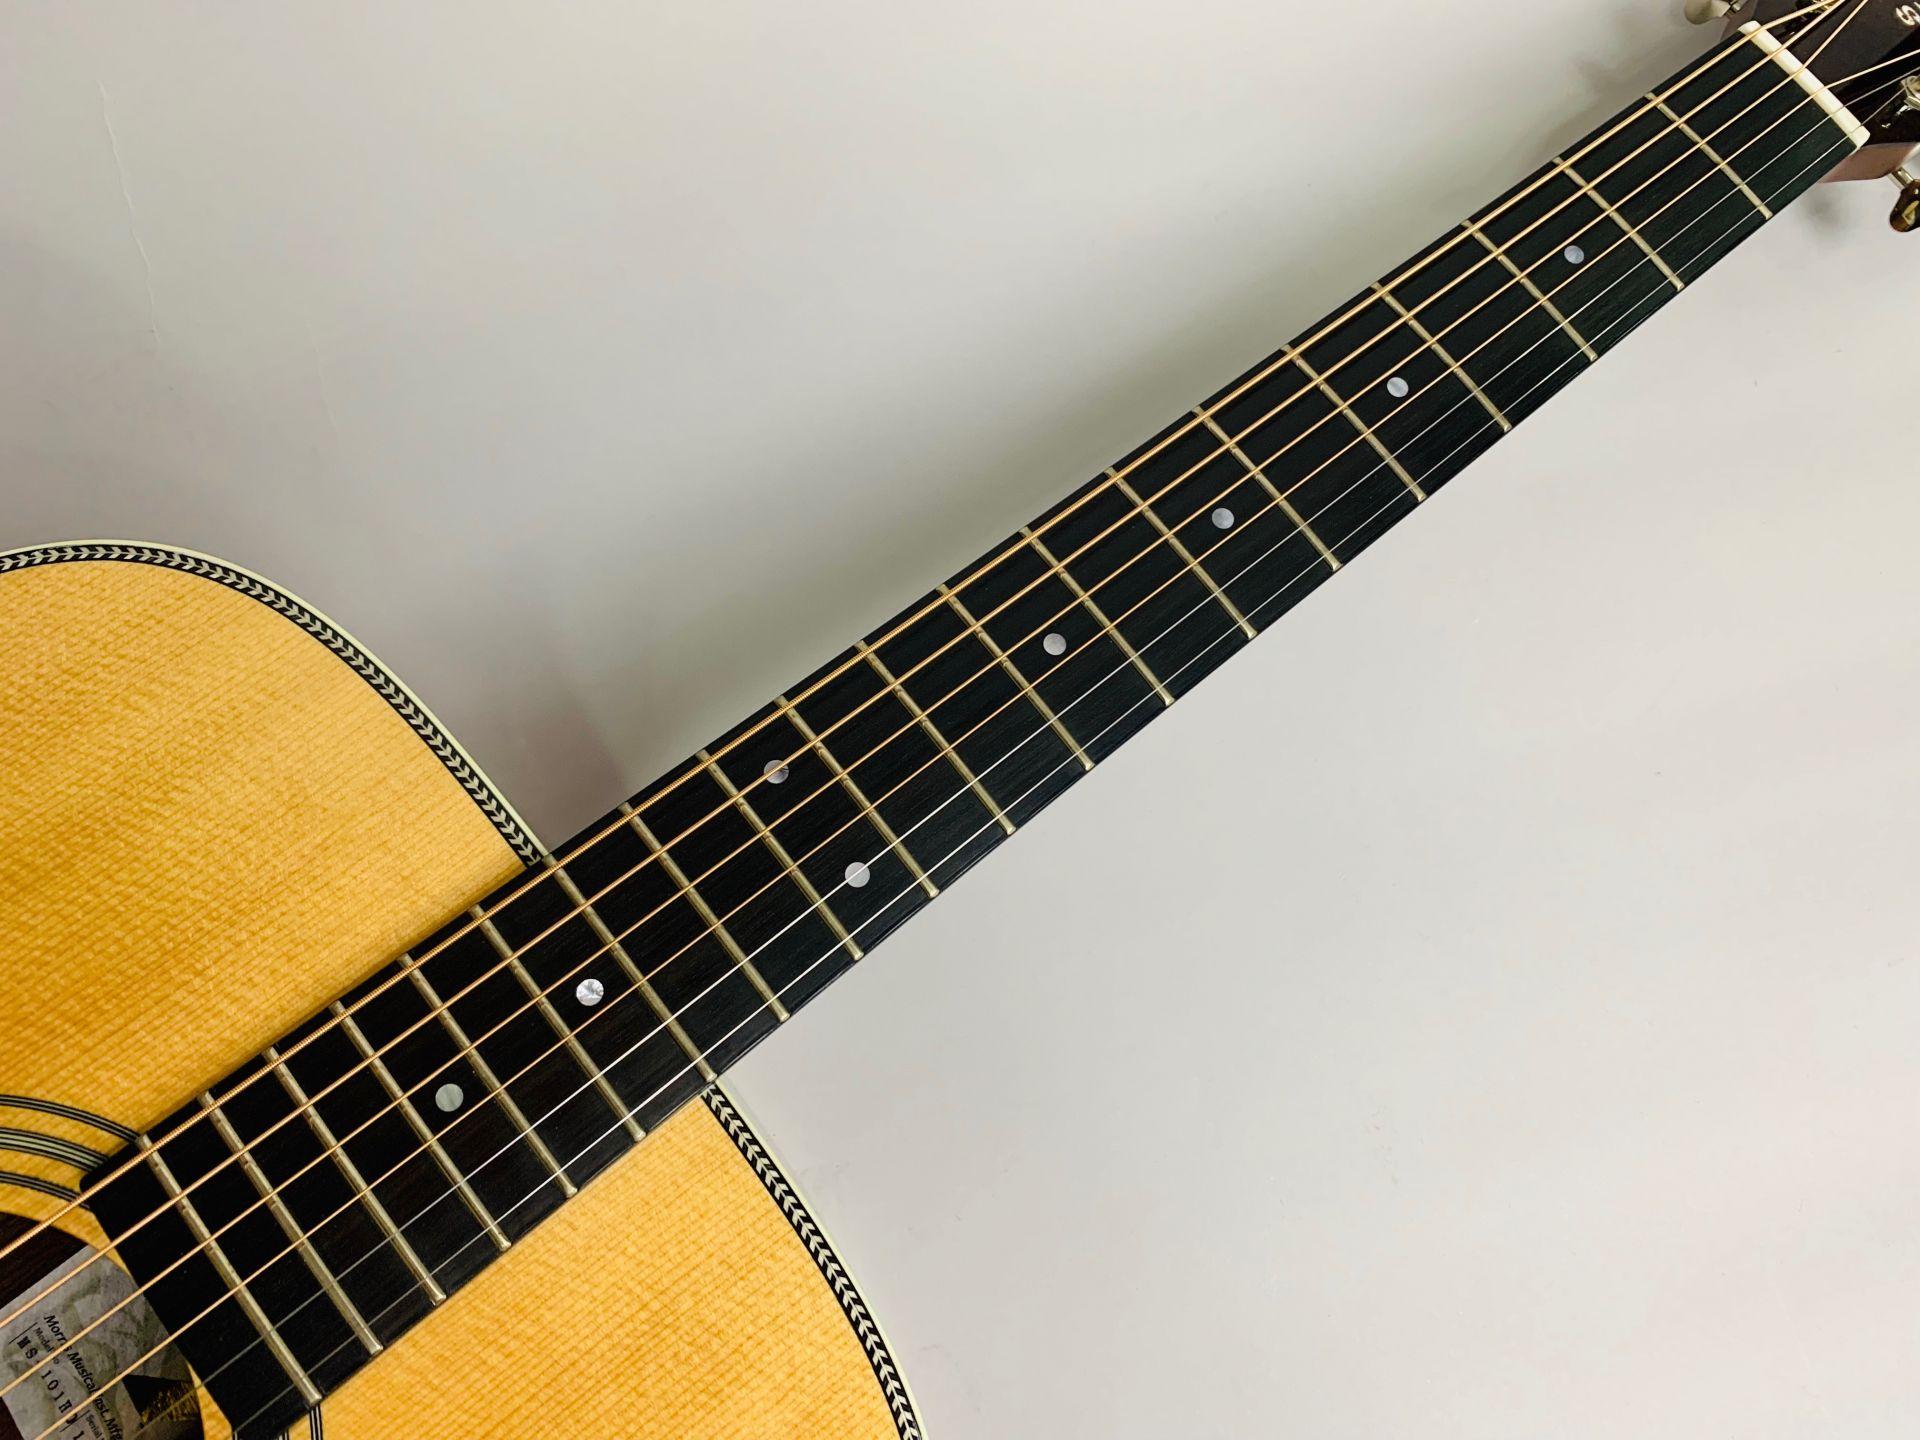 MS-101HD ハカランダ採用 島村楽器50本限定モデルのボディバック-アップ画像